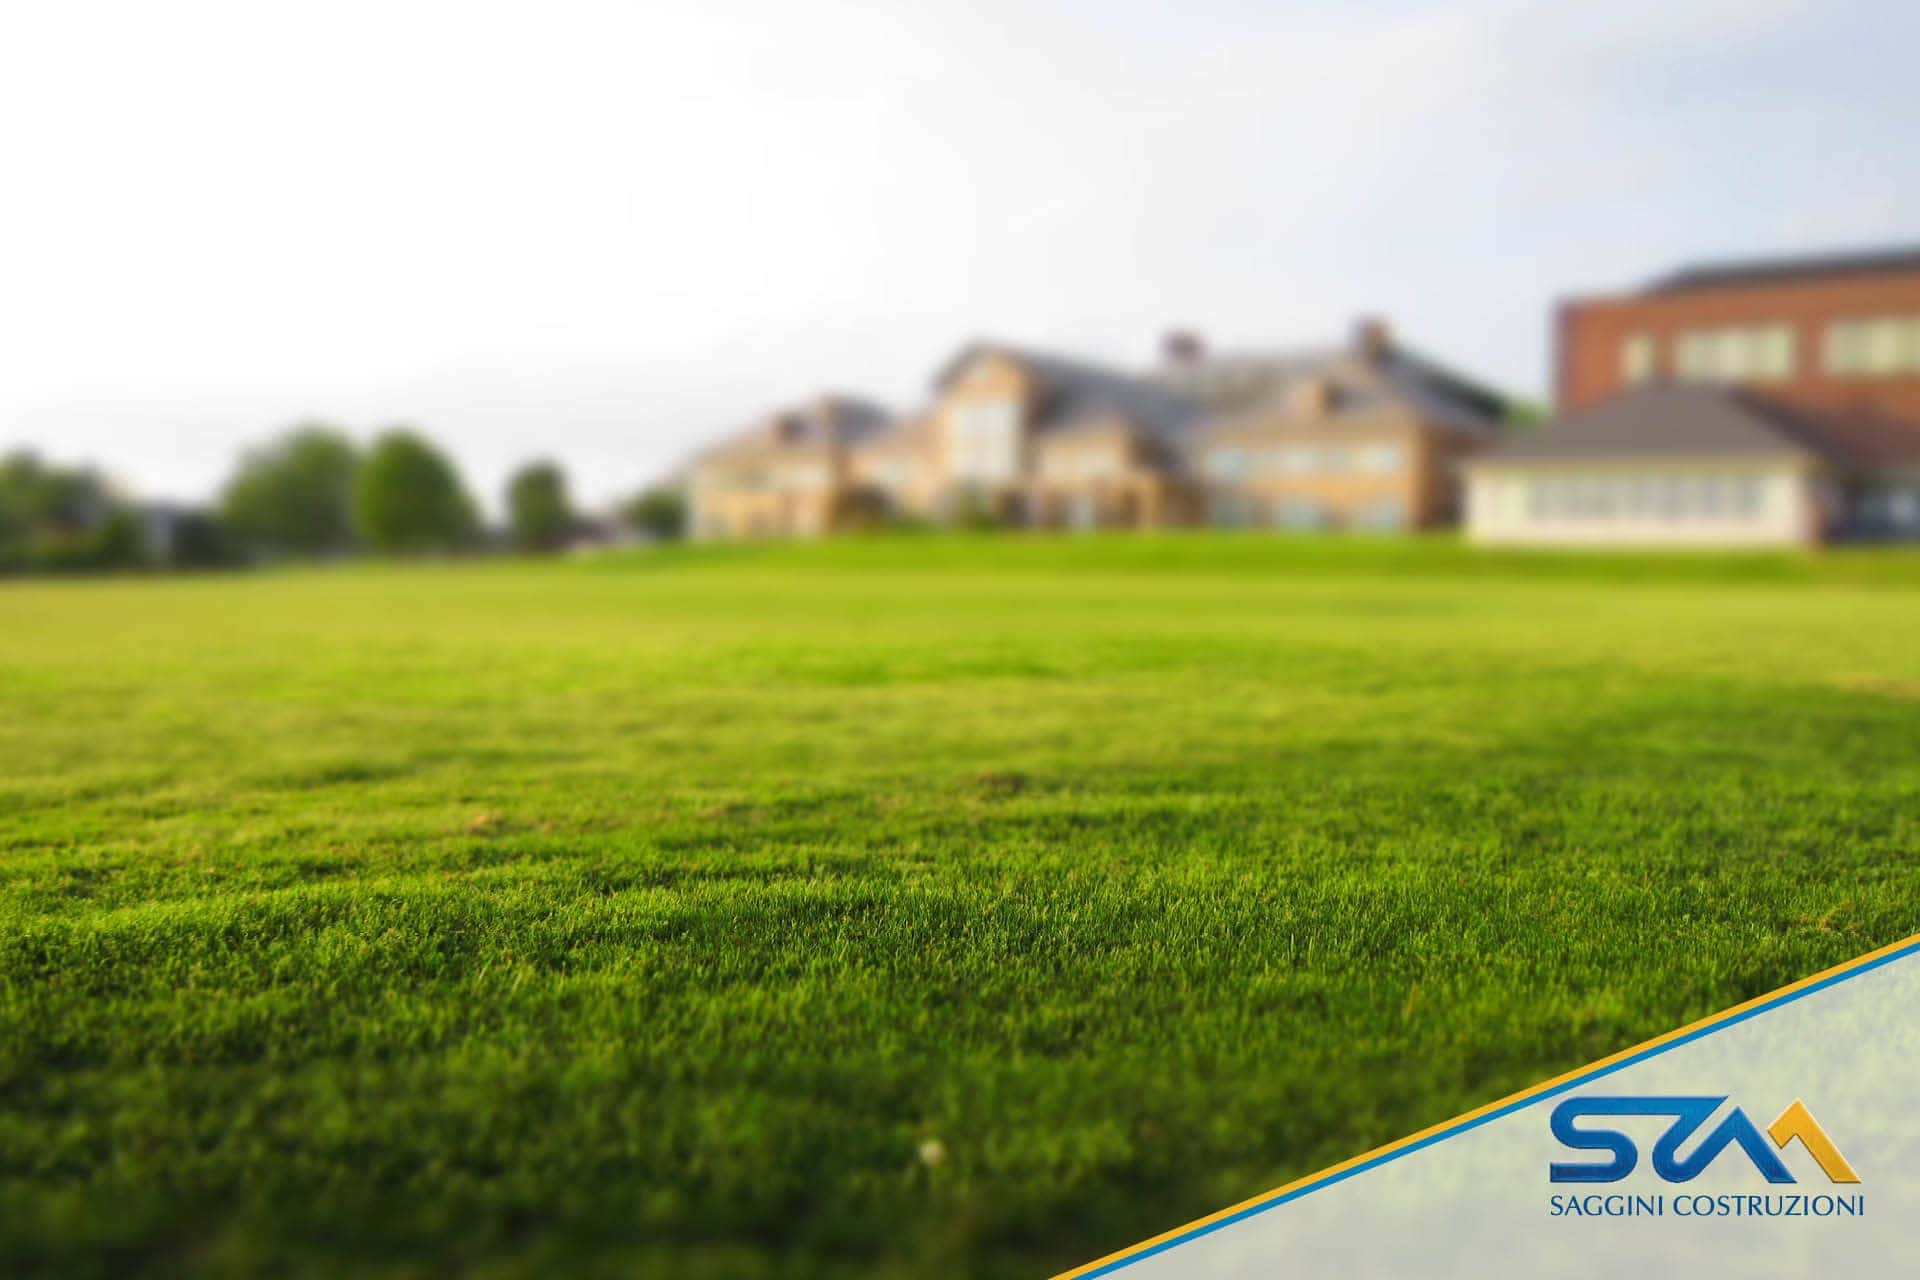 Stai pensando di investire in un immobile ecco le cose da sapere - Cosa sapere prima di comprare casa ...